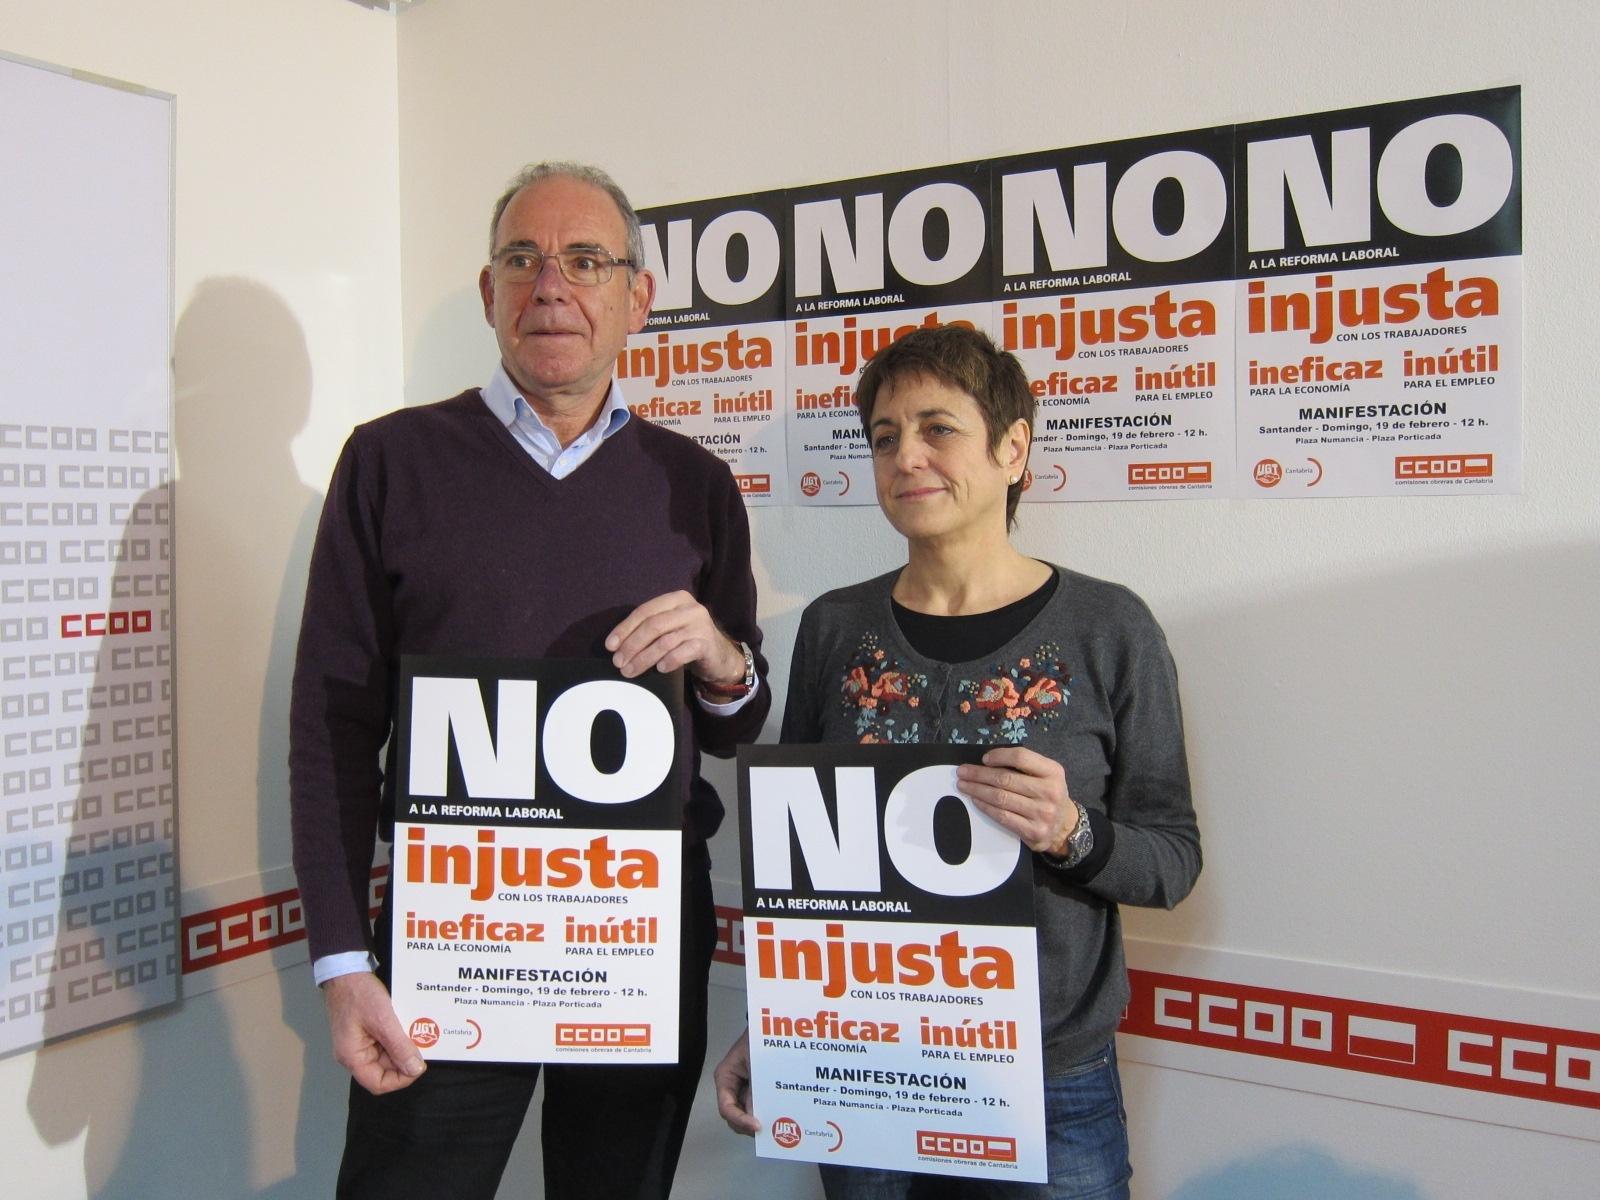 UGT y CC.OO. convocan una manifestación el domingo contra una reforma laboral que «fomenta el paro y recorta derechos»